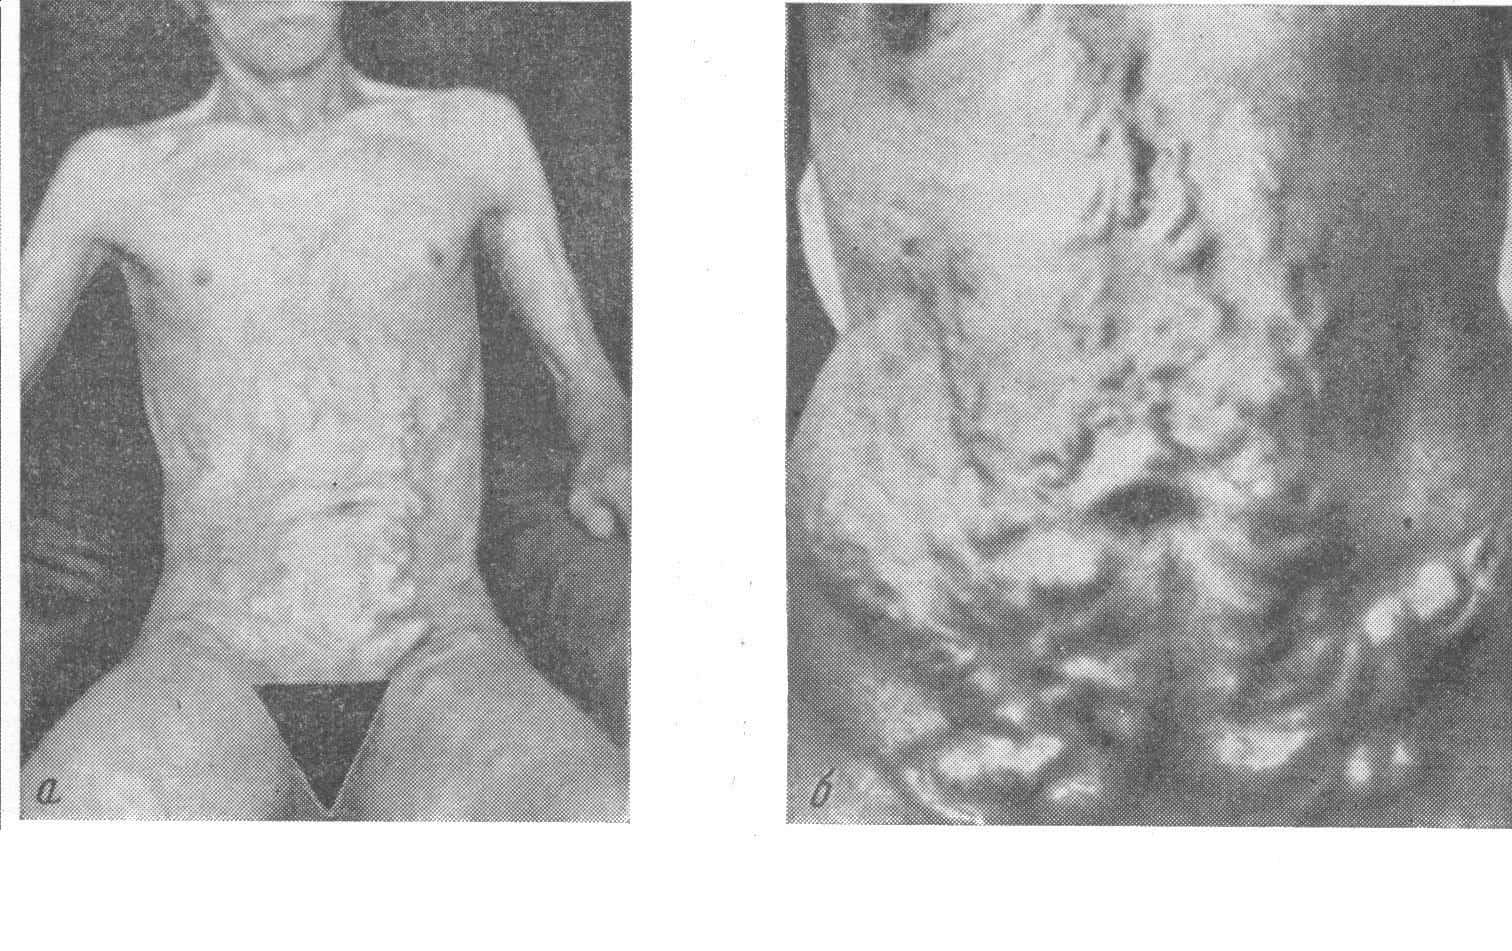 «Голова медузы» - расширенные вены в области живота — один из клинических признаков гипертензии